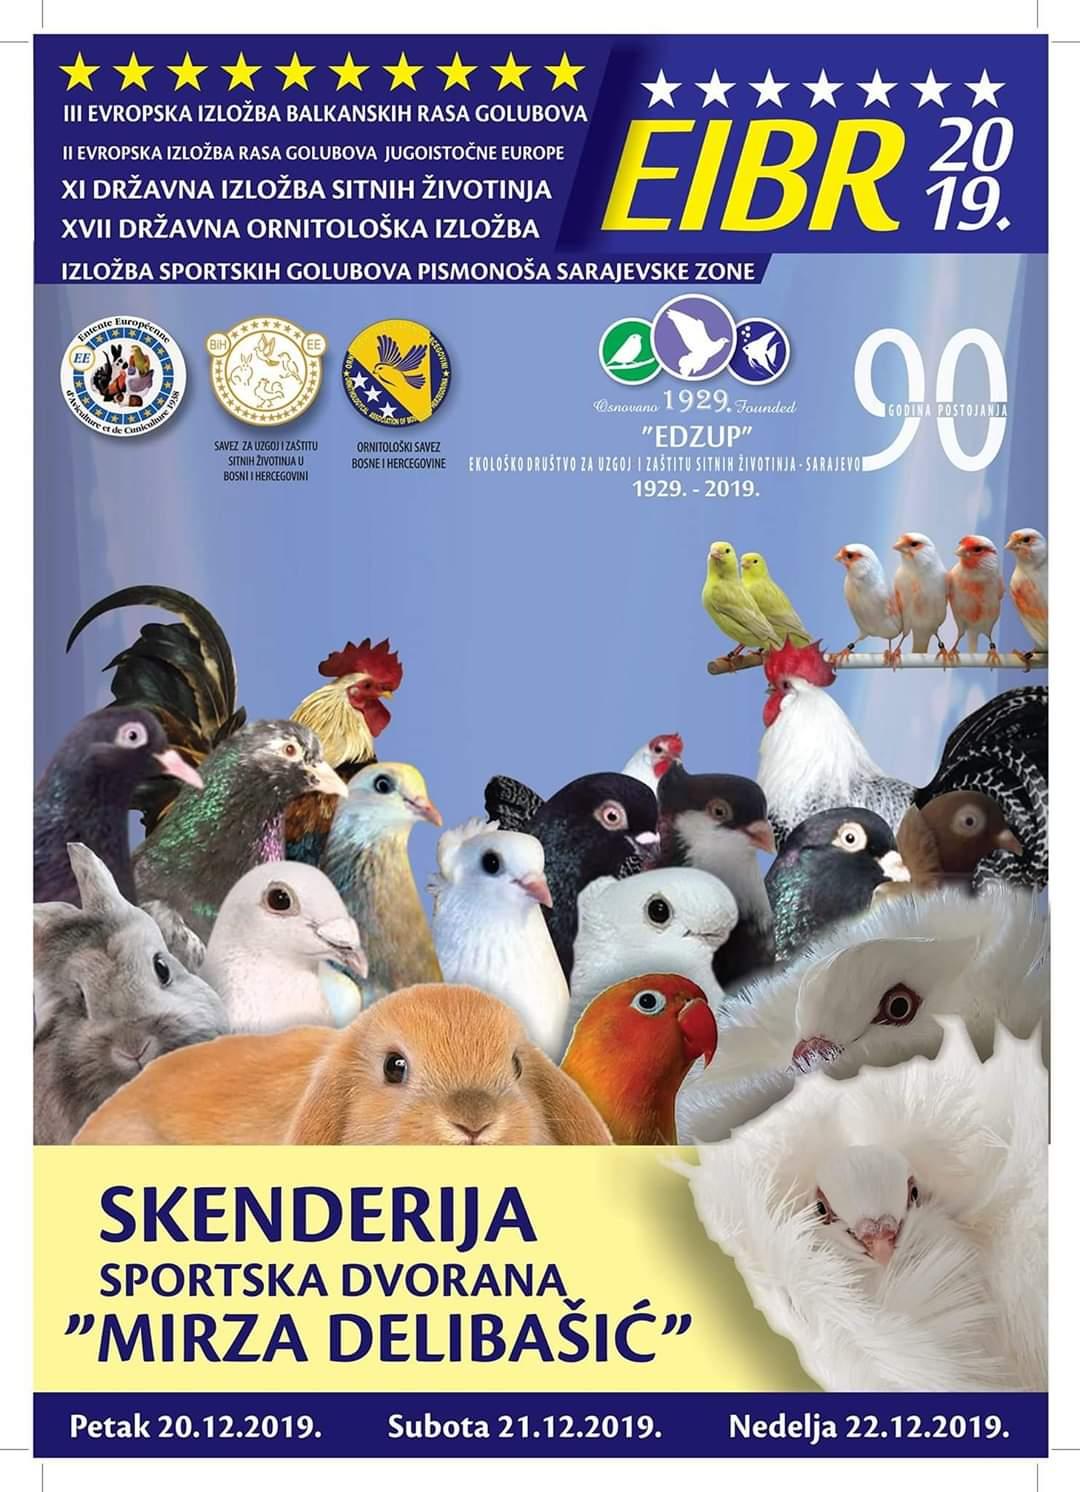 Državna Ornitološka Izložba Bosne I Hercegovine 2019.